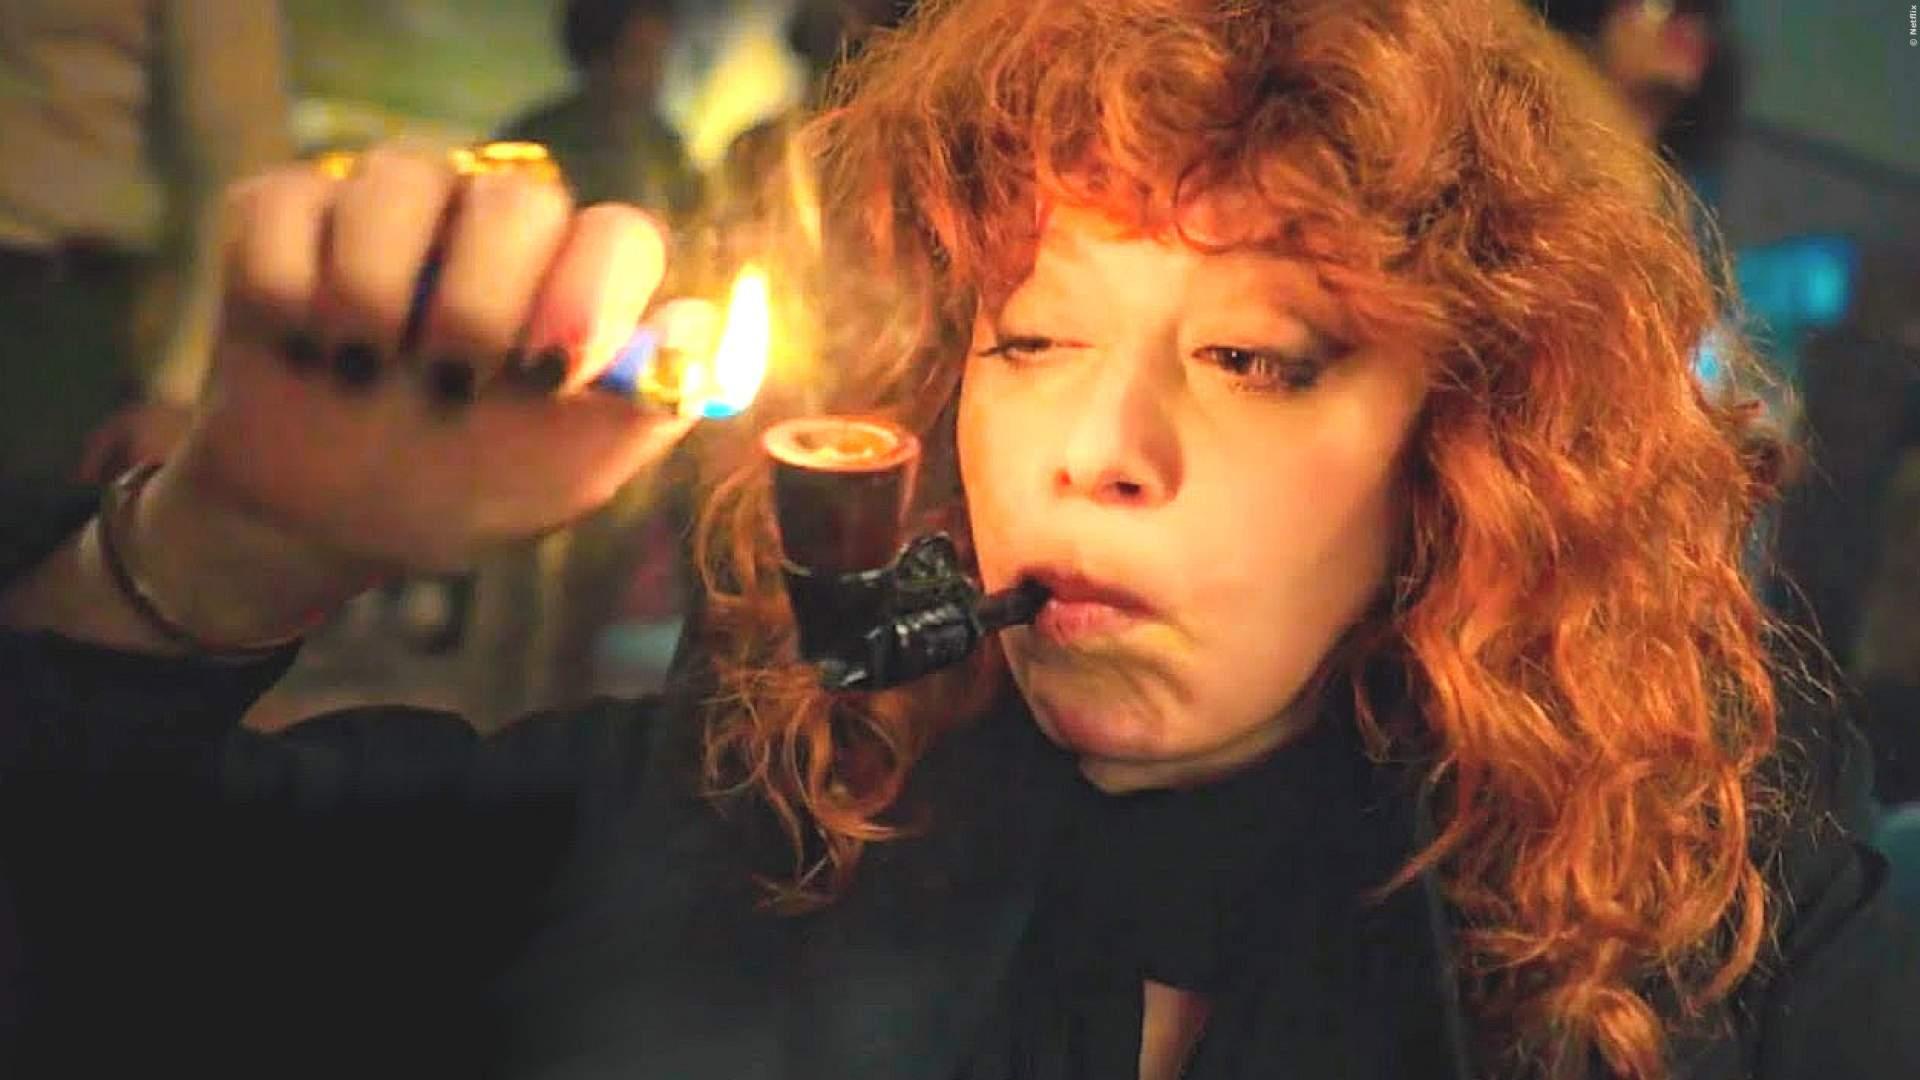 Natasha Lyonne zündet sich eine Pfeife an in einem Szenenbild für Kritik Matrjoschka Staffel 1